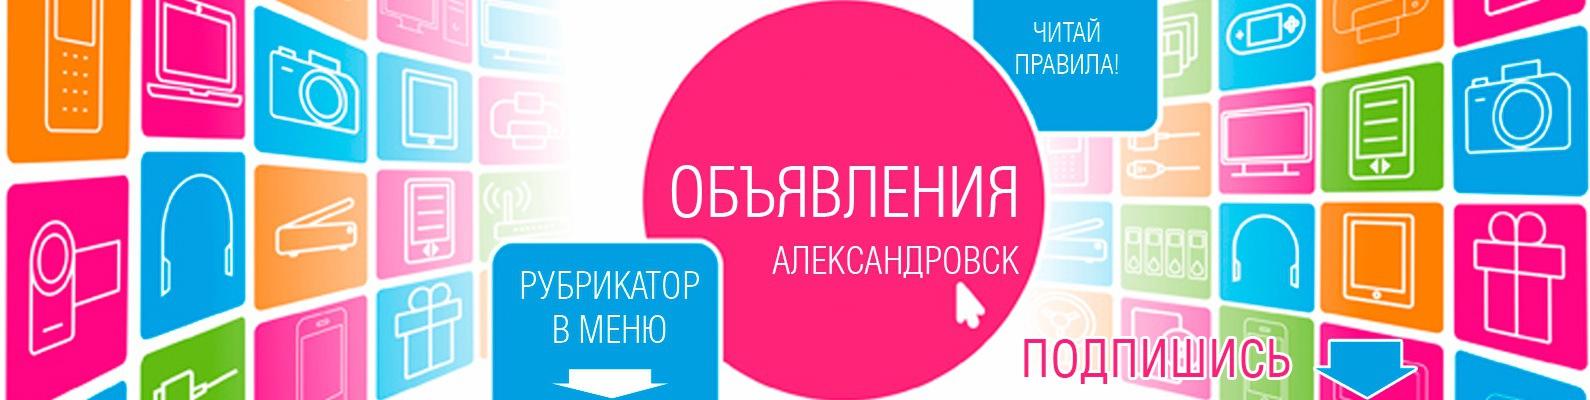 Объявления Александровск   ВКонтакте 84c5cea3ecf